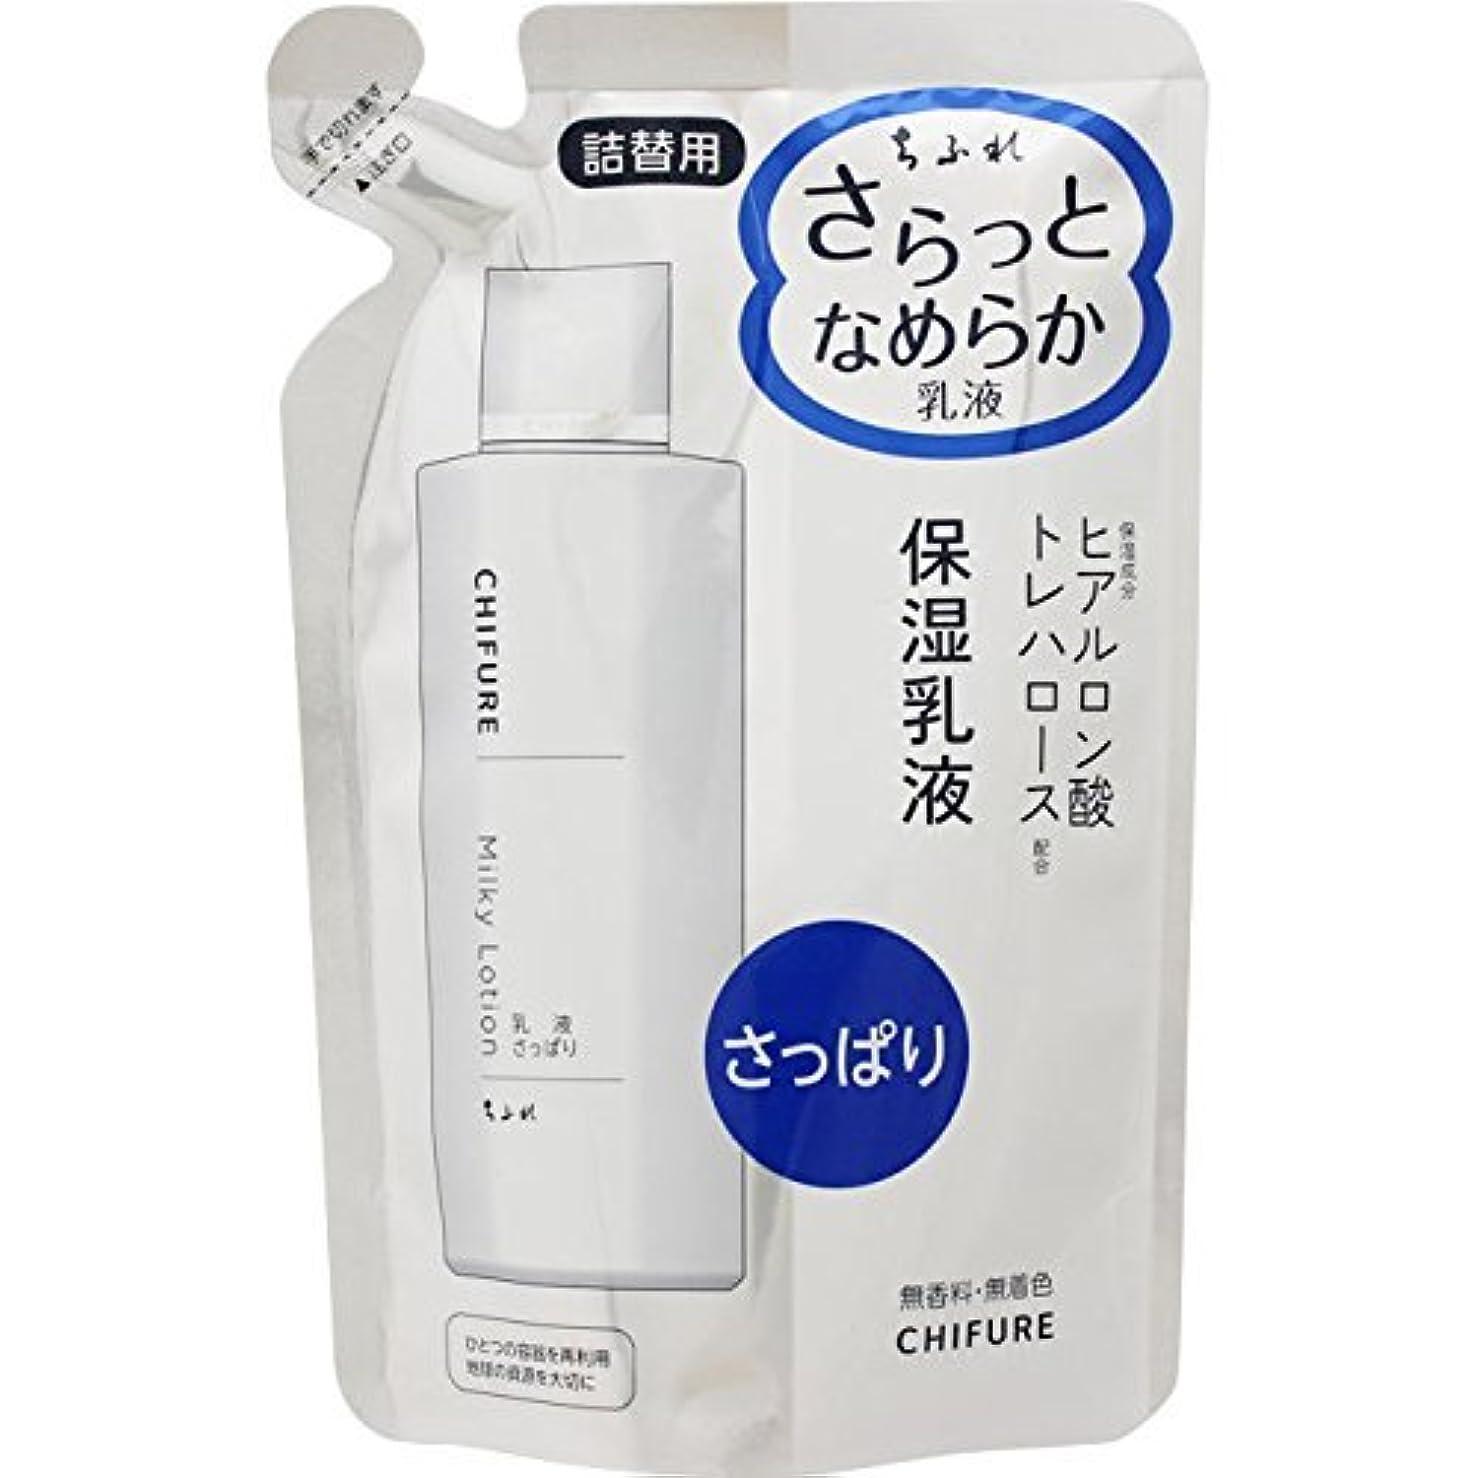 化粧雨本ちふれ 乳液さっぱりタイプN詰替用 150ML